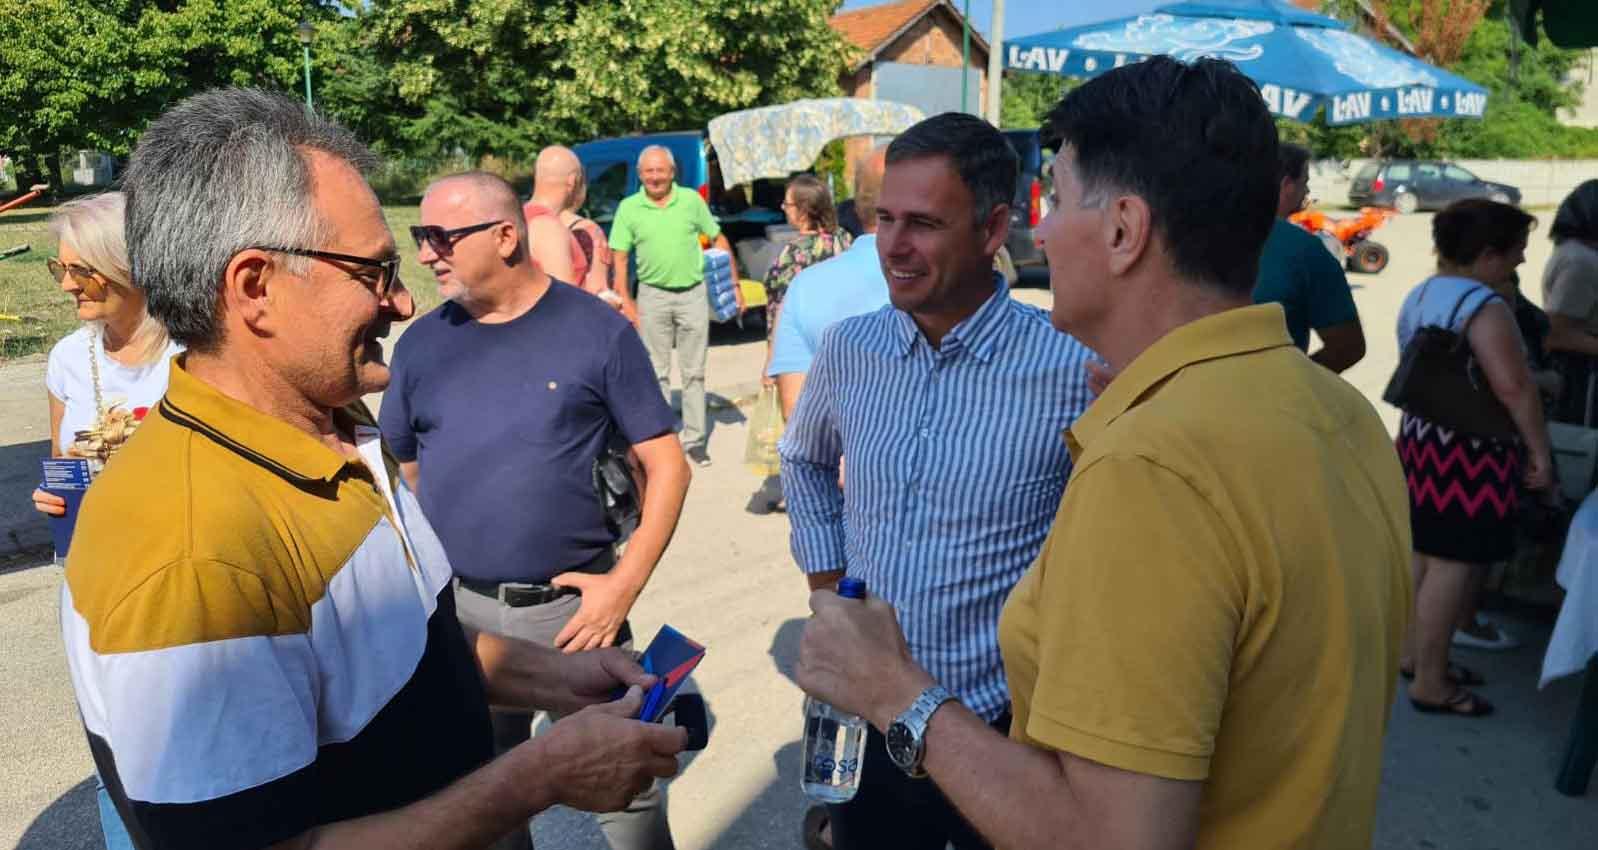 Алексић: Грађани одлучни да промене власт, ближи се крај Вучићевом разарању Србије